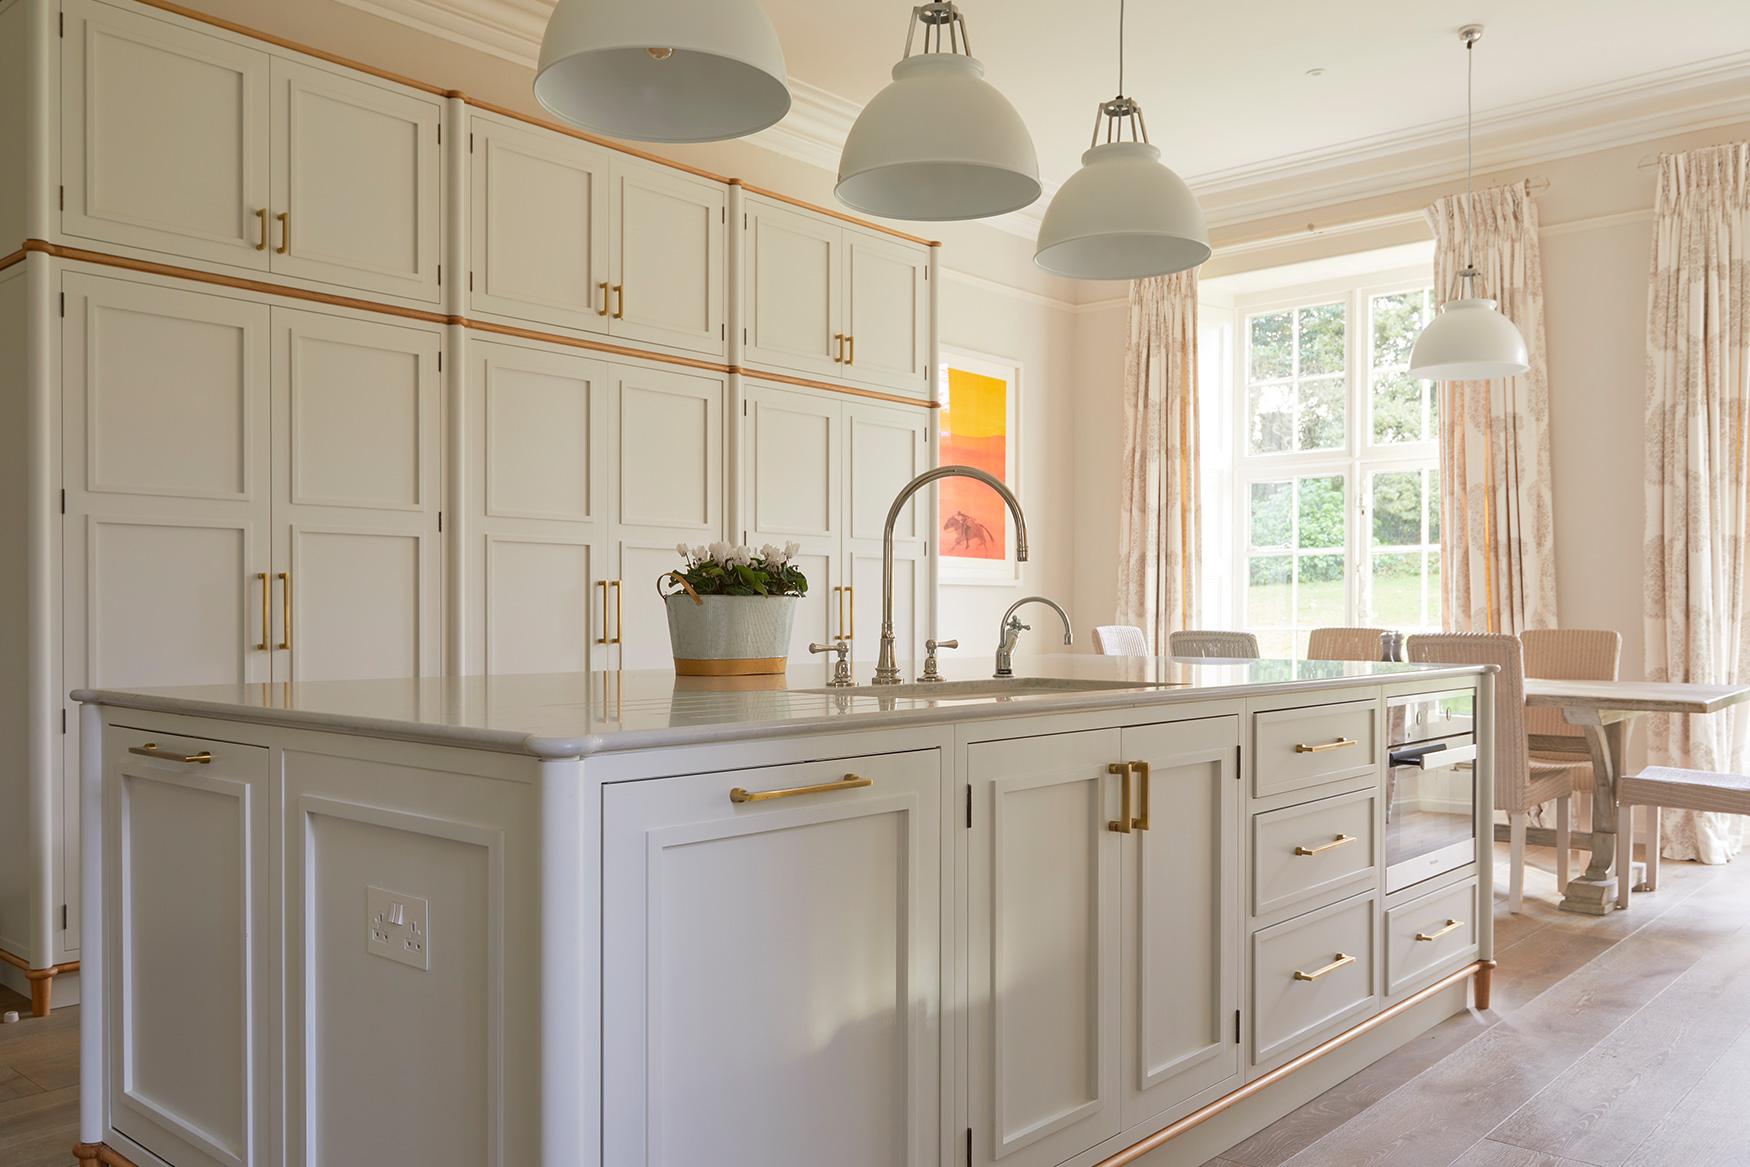 Kitchen – interior design by Eadie & Crole